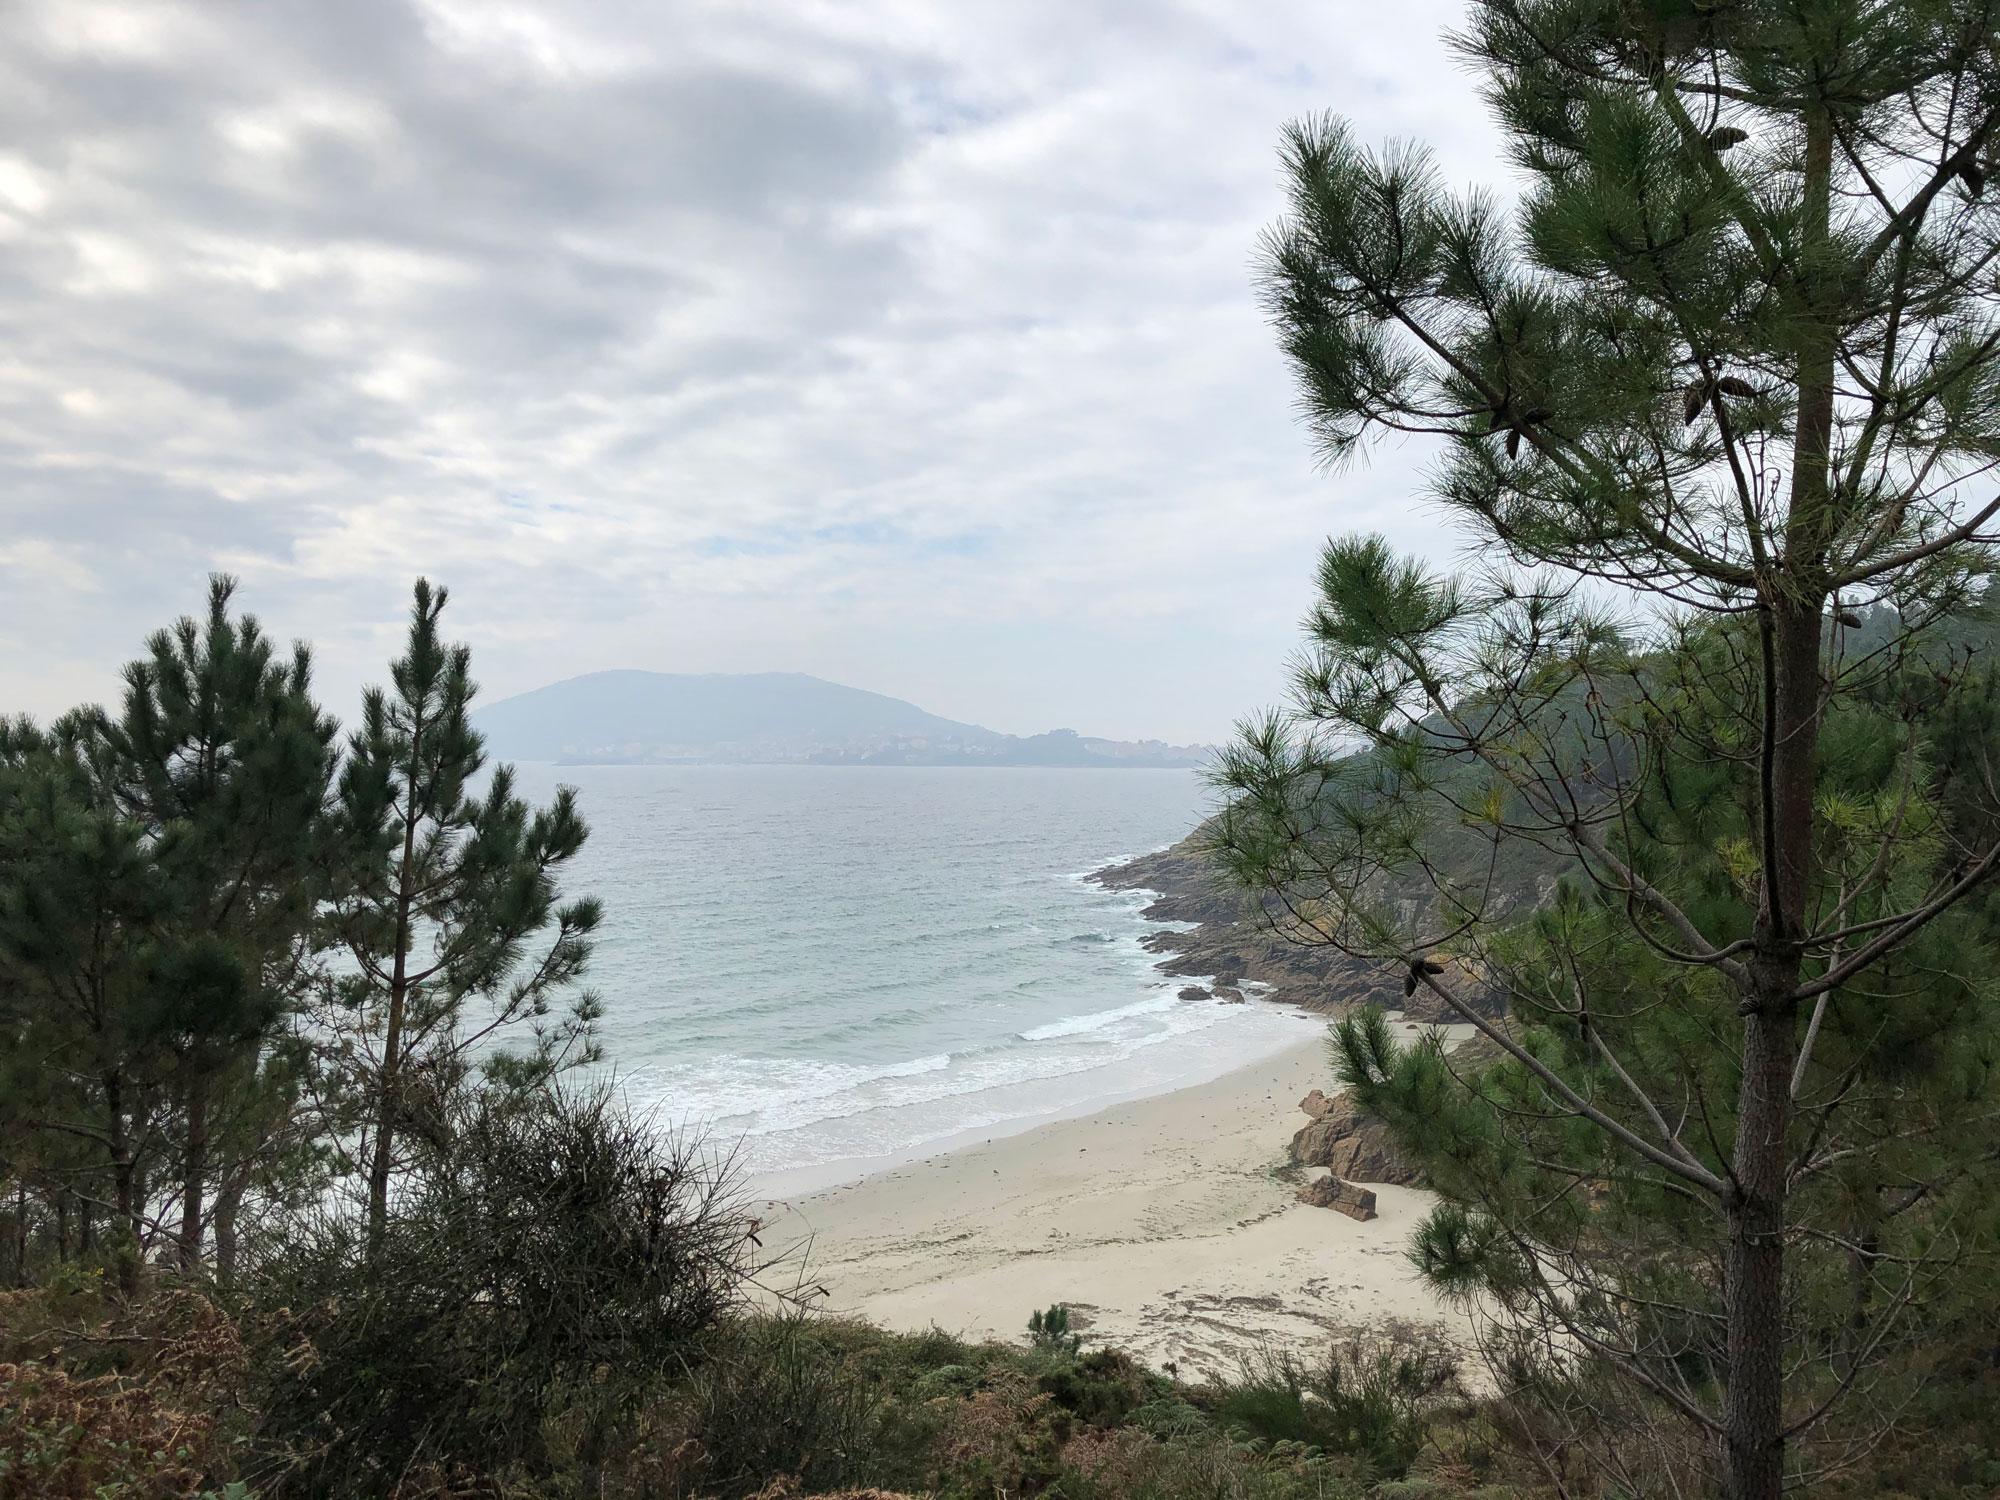 Bucht auf dem Weg nach Fisterra auf dem Camino Finesterre